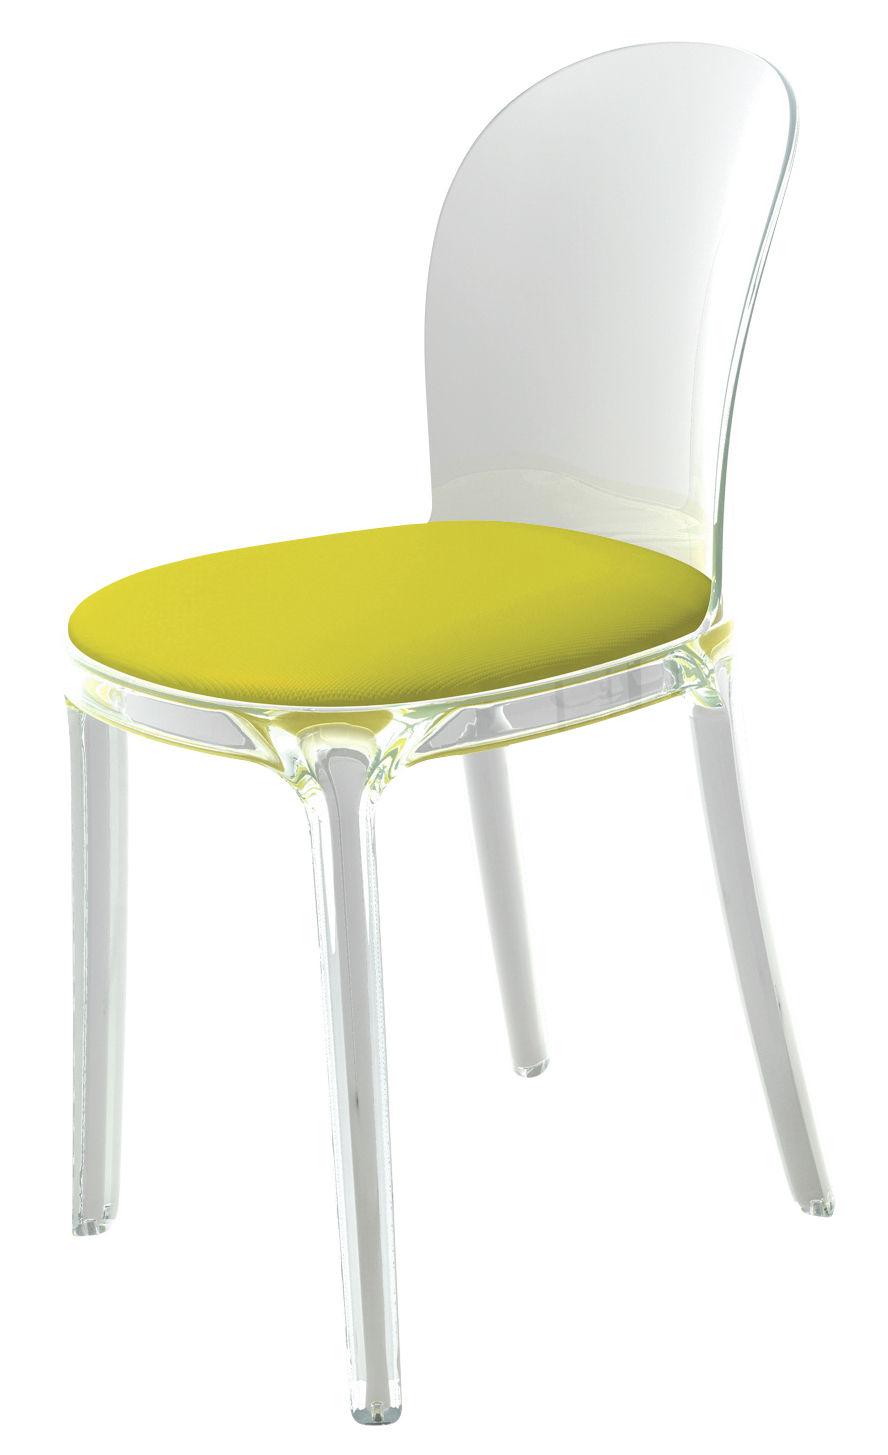 Mobilier - Chaises, fauteuils de salle à manger - Chaise rembourrée Vanity Chair / Polycarbonate transparent & tissu - Magis - Cristal / Coussin jaune - Polycarbonate, Tissu